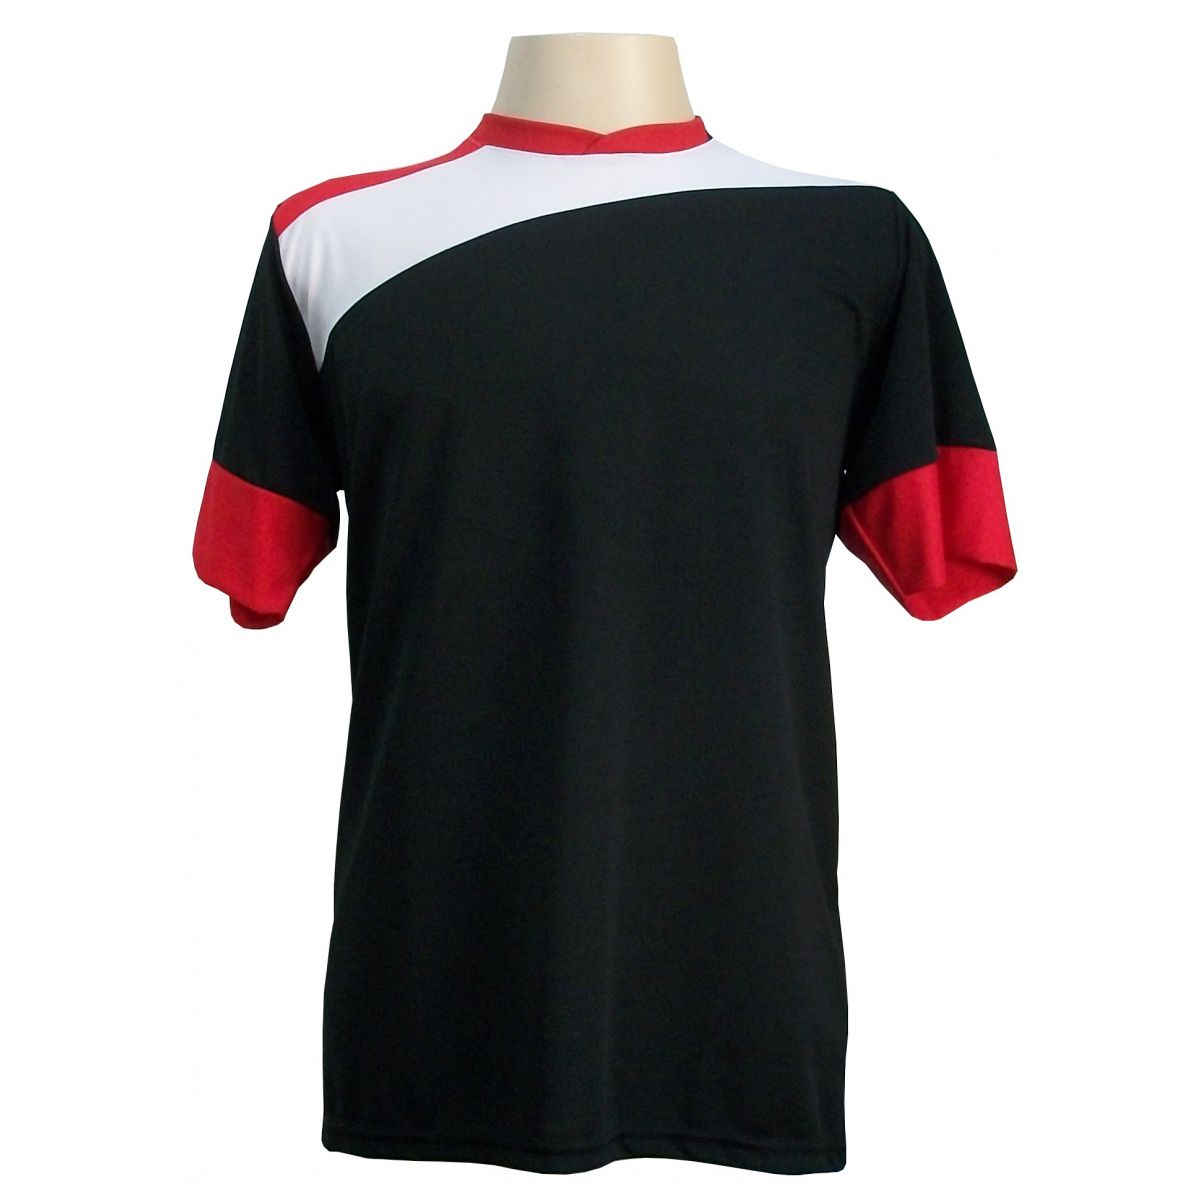 Jogo de Camisa com 14 unidades modelo Sporting Preto/Branco/Vermelho + Brindes